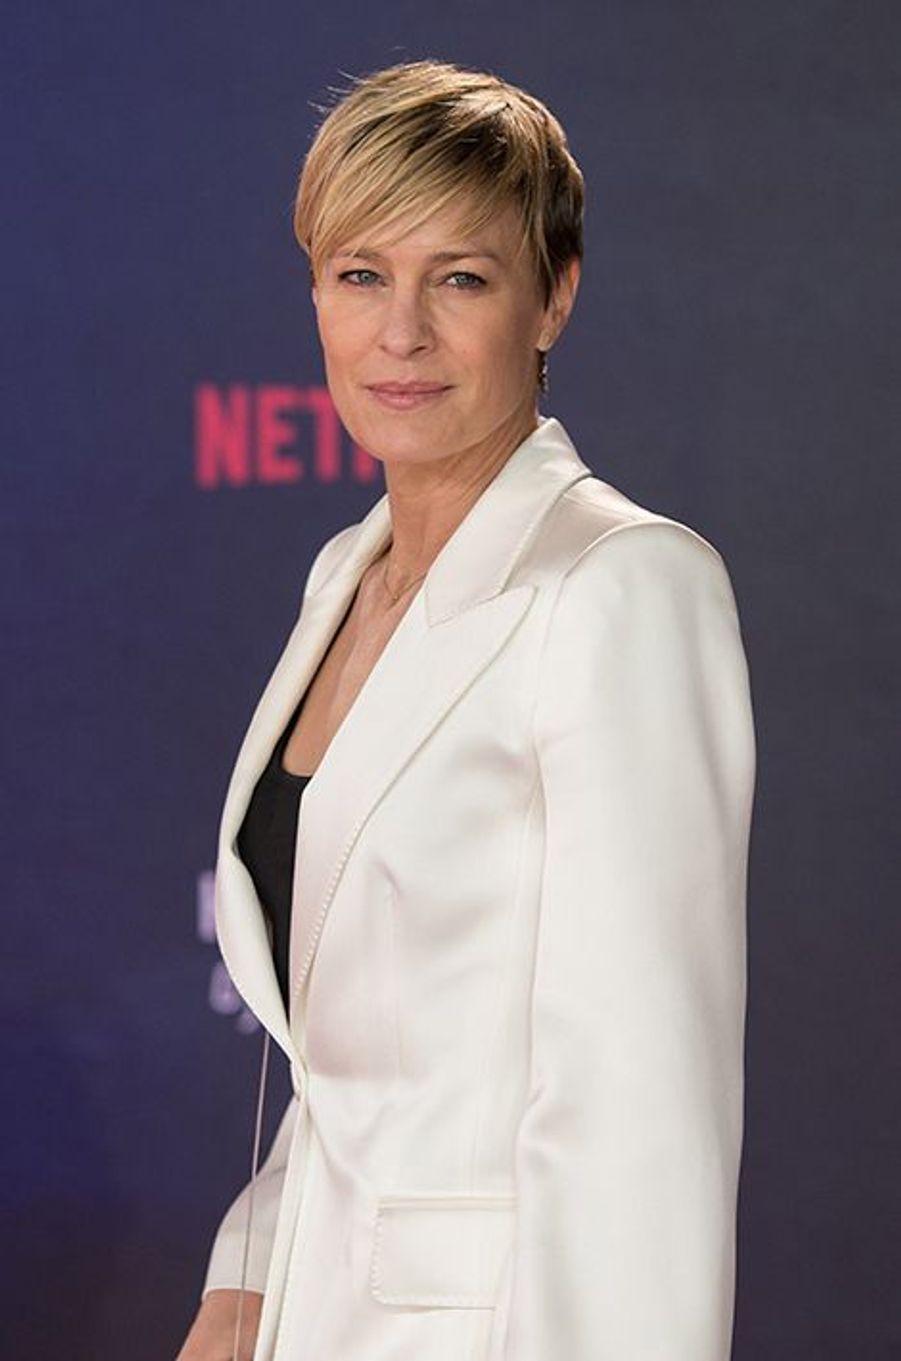 """En 2014, l'actrice de 48 ans choisissait le «Telegraph» pour évoquer le Botox. «Tout le monde le fait. J'imagine que je ne peux pas dire """"tout le monde"""" parce que je n'en suis pas sûre, mais franchement, voyons... C'est juste la plus petite injection de botox, deux fois par an. Je pense que la plupart des femmes optent pour 10 doses, mais ça fige le visage et vous ne pouvez plus le bouger. Là, c'est juste une petite dose, ça se répand et ça lisse le tout.»"""